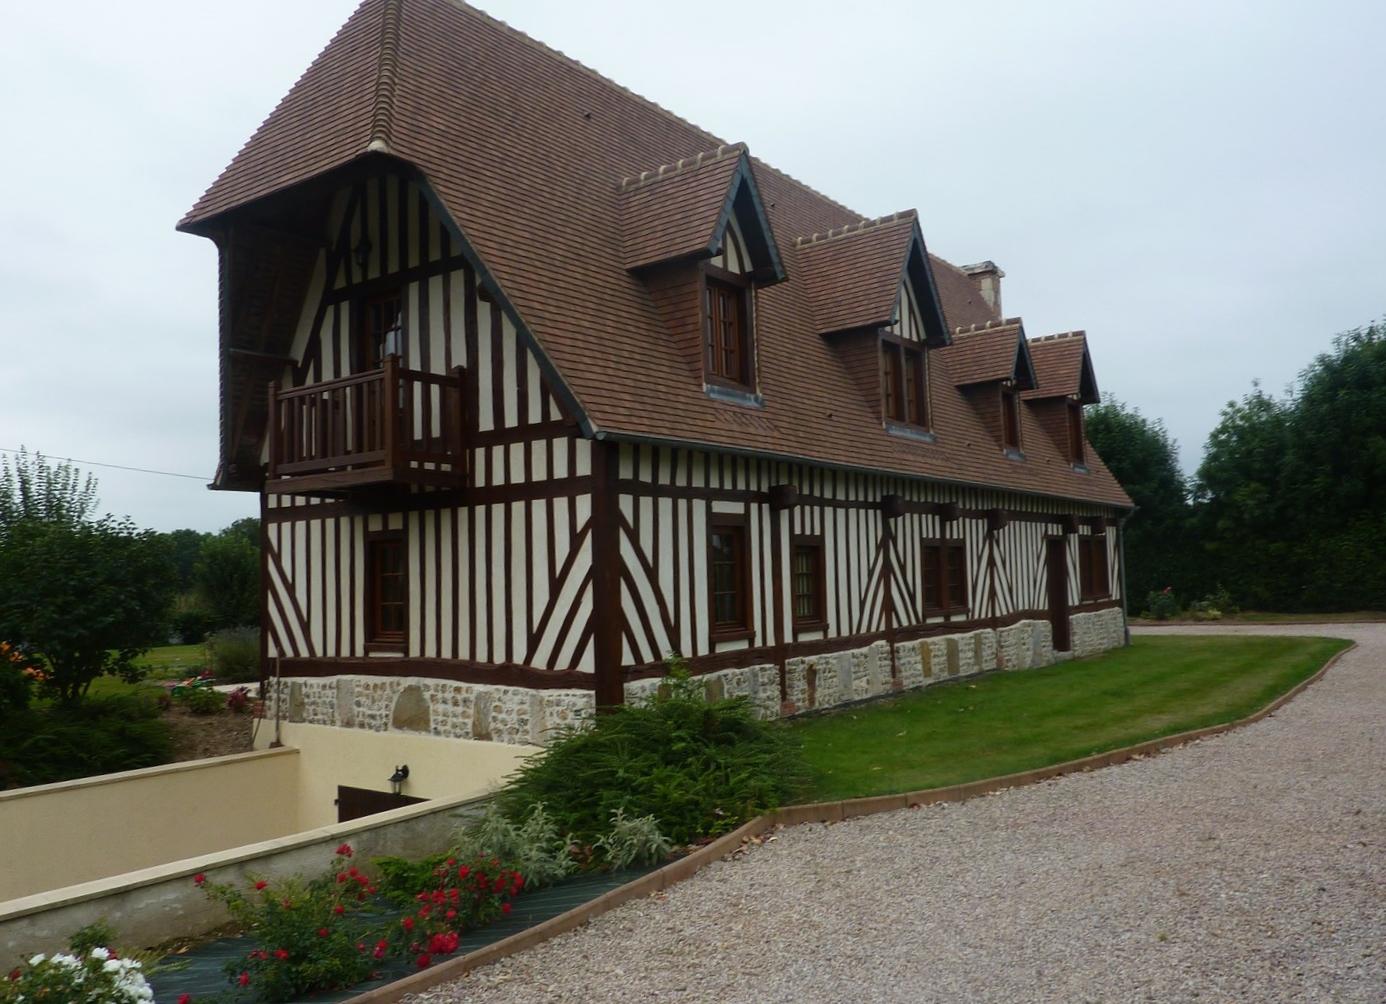 Lisieux ventes maison normande r gion orbec pays d 39 auge for Restauration maison normande